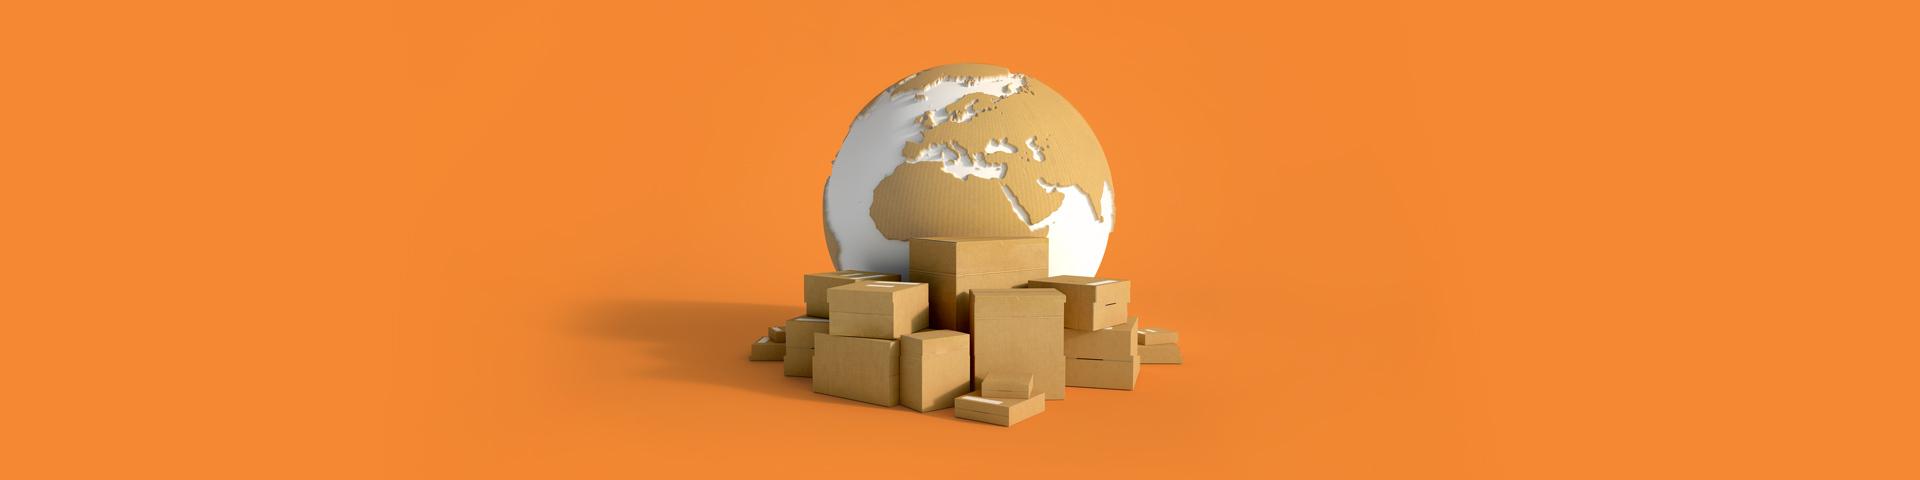 Amazon International - Headerbild